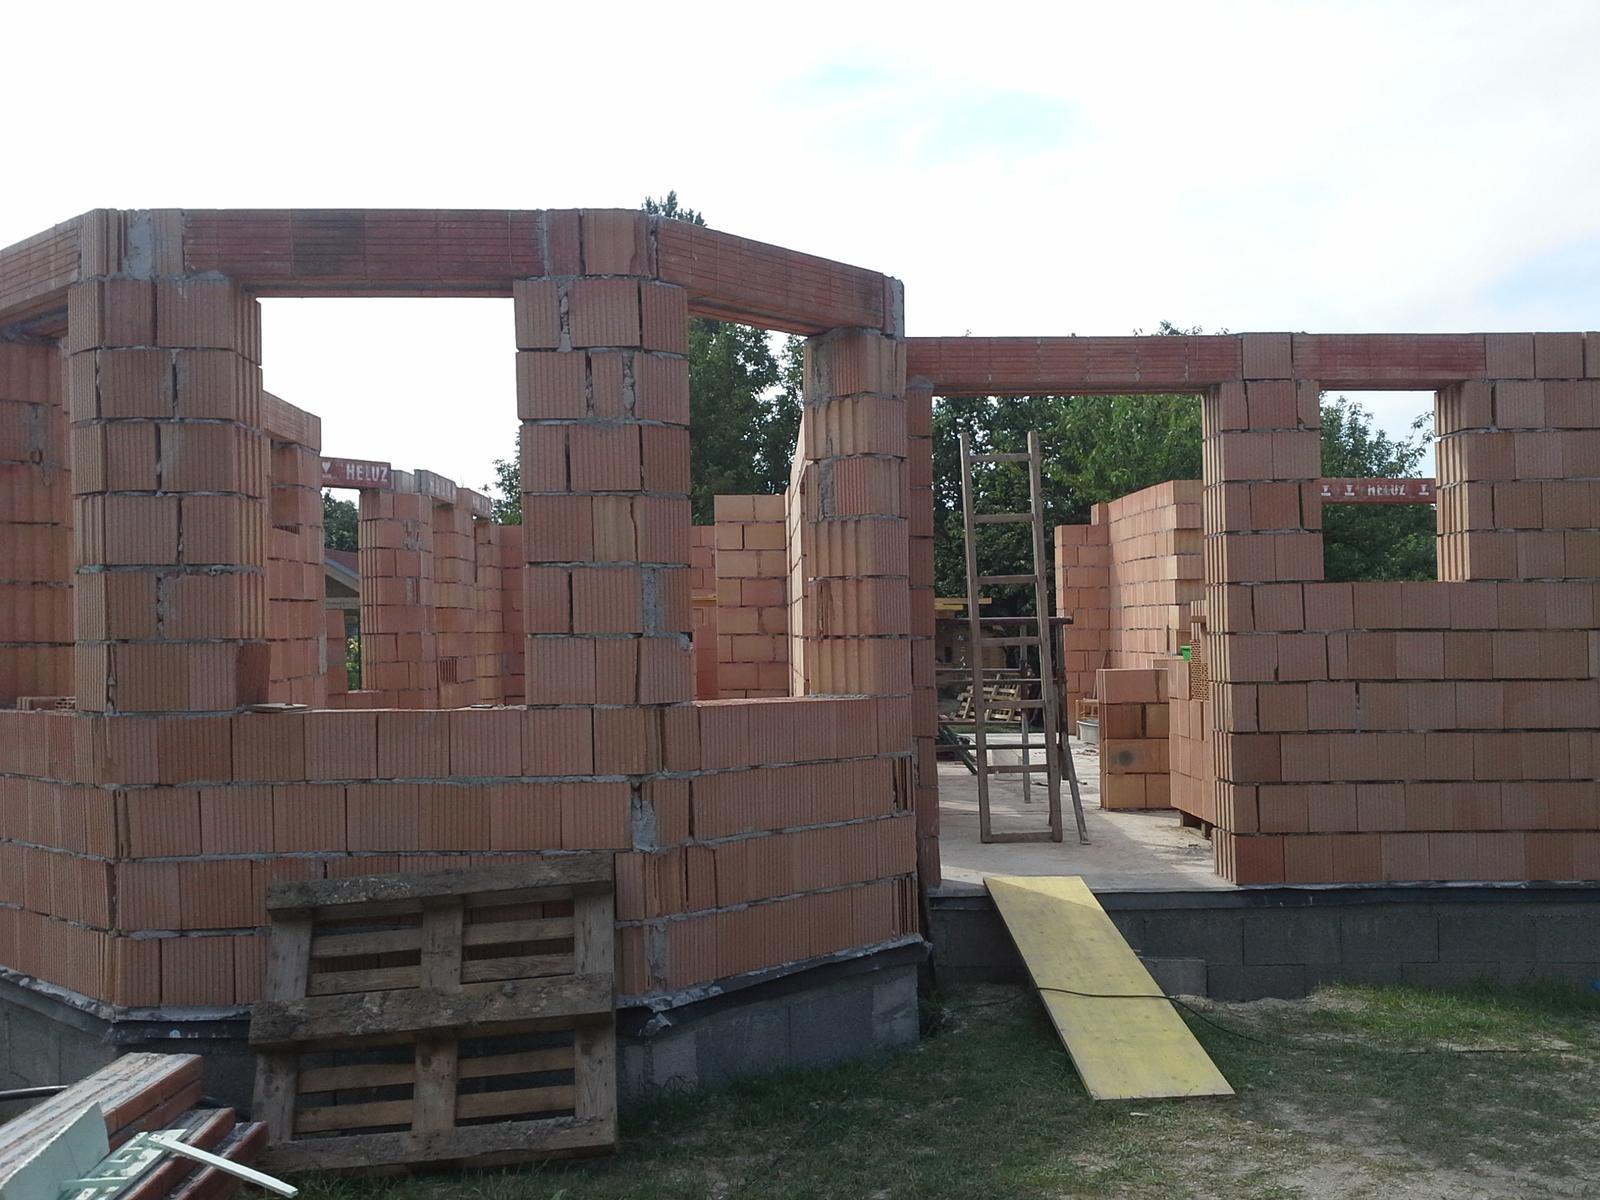 Nas zamocek - Klassik 148 prodom - Stonehenge